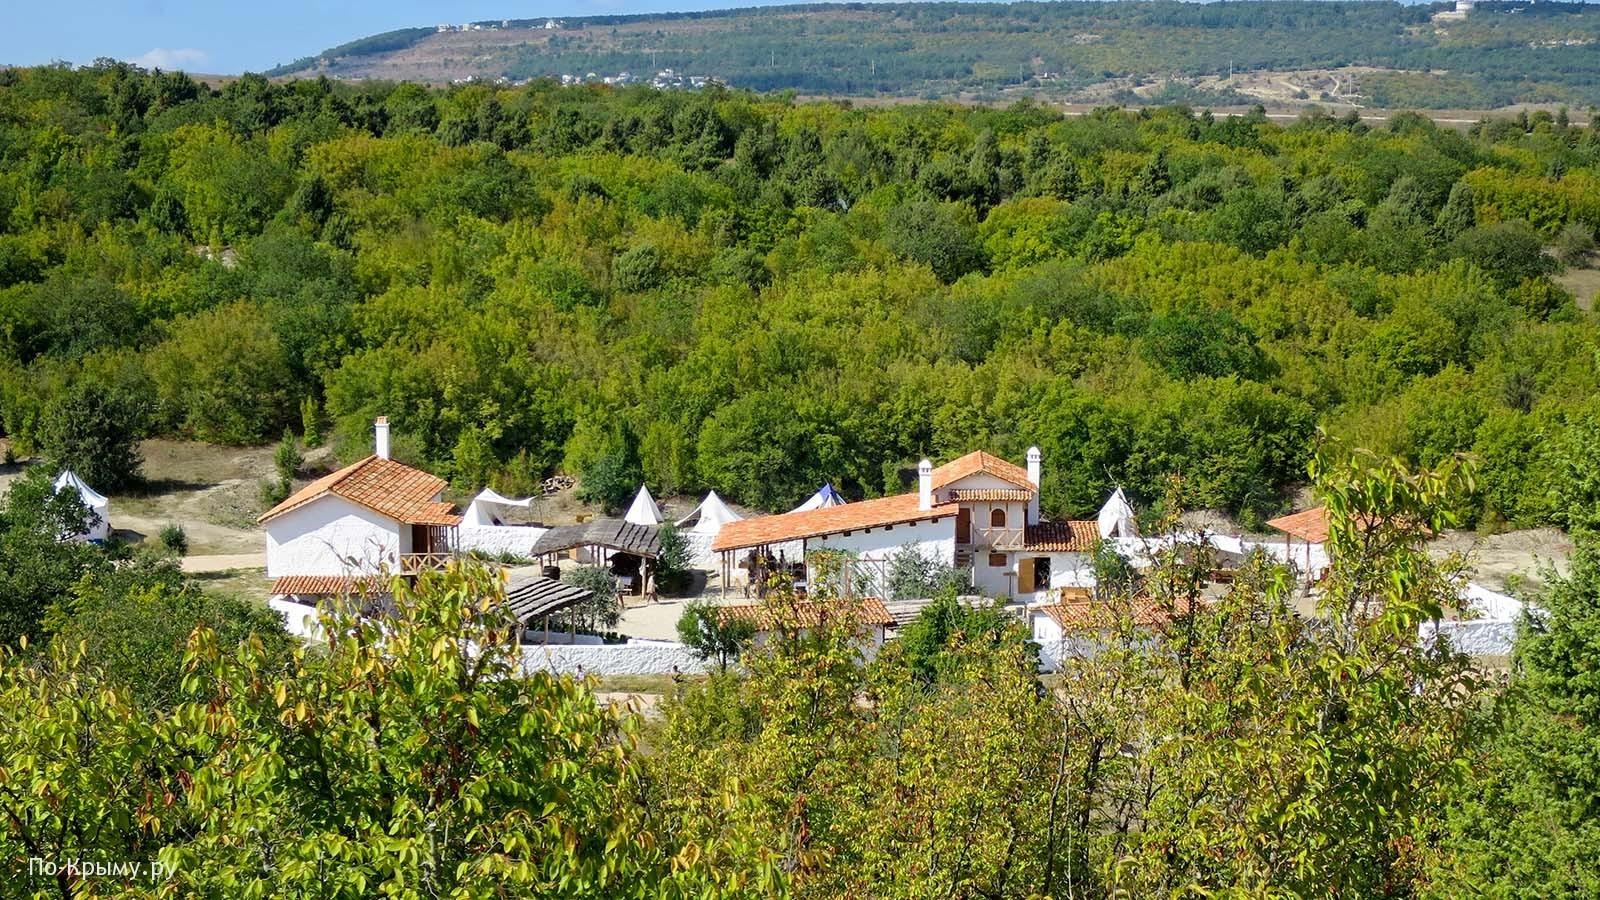 Исторические места Севастополя, которые вы могли не знать